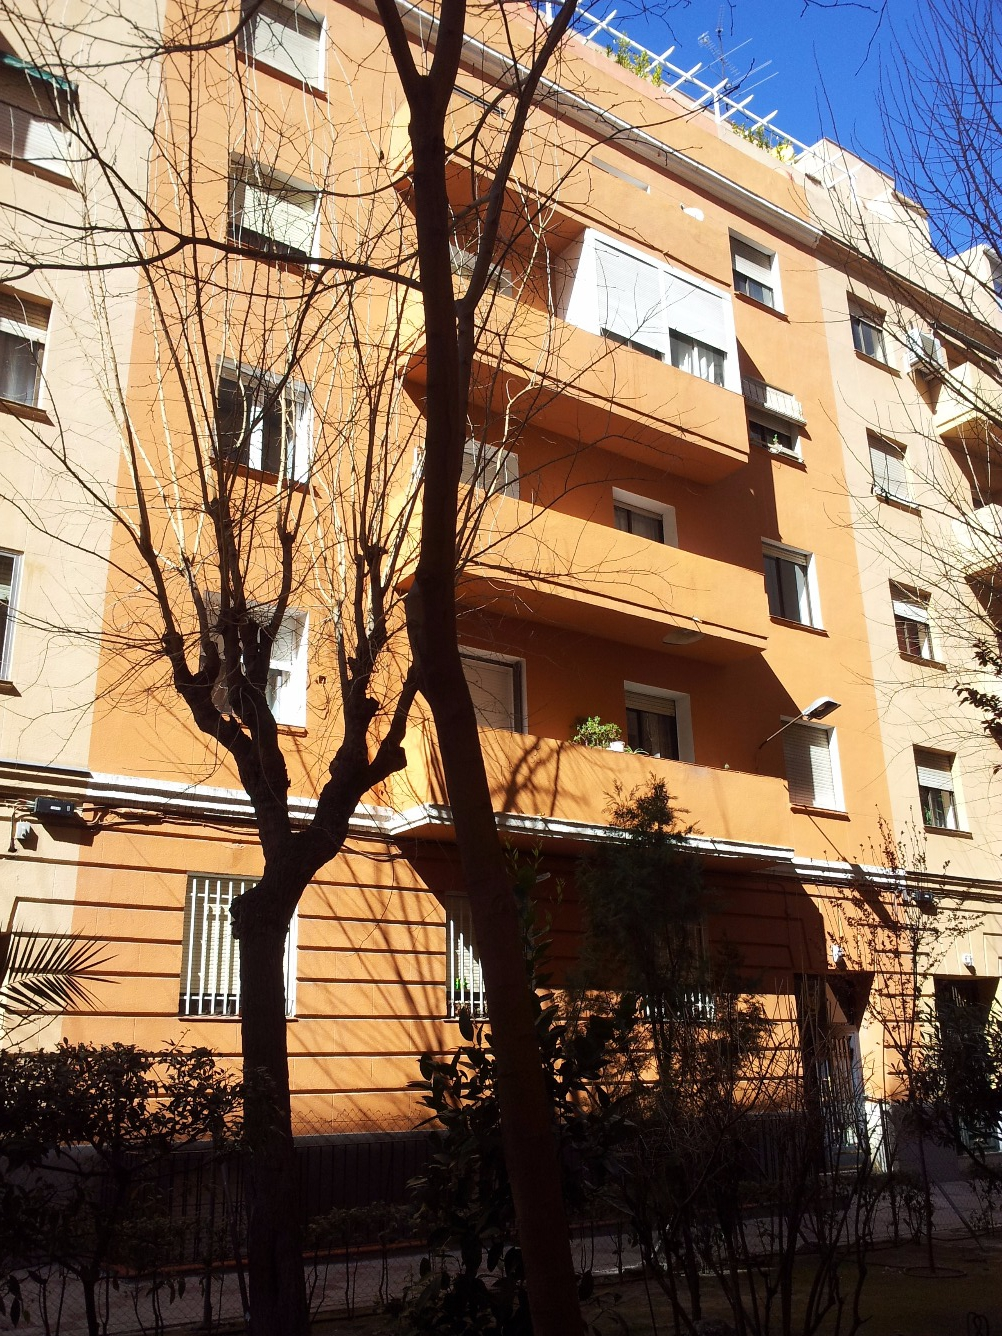 Barras para minusvalidos ba o segunda mano for Milanuncios pisos sevilla